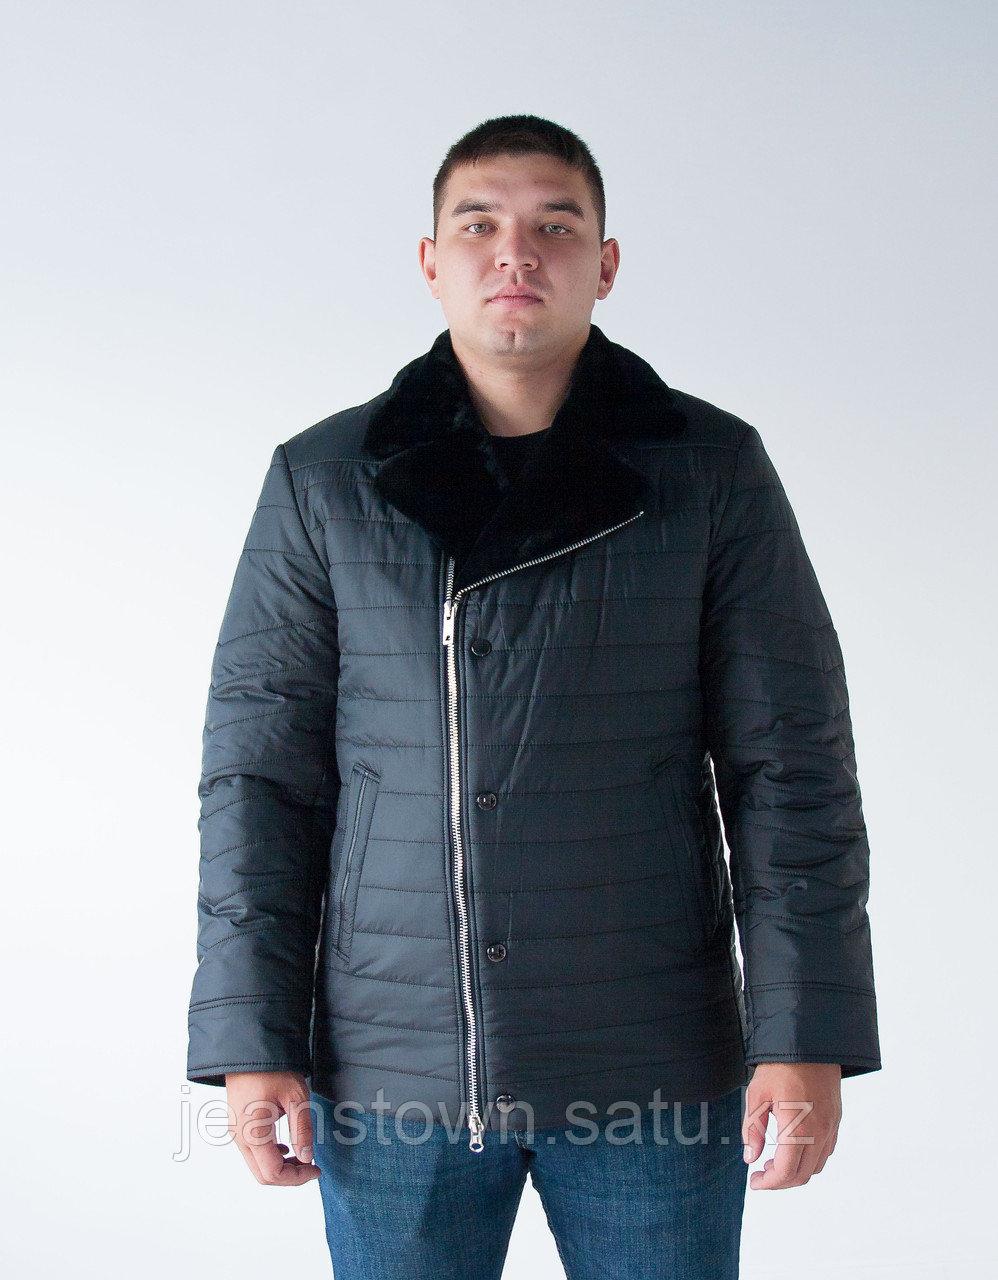 Мужская  классическая  зимняя куртка  City Class, натуральный мех  мутона на воротнике, черная